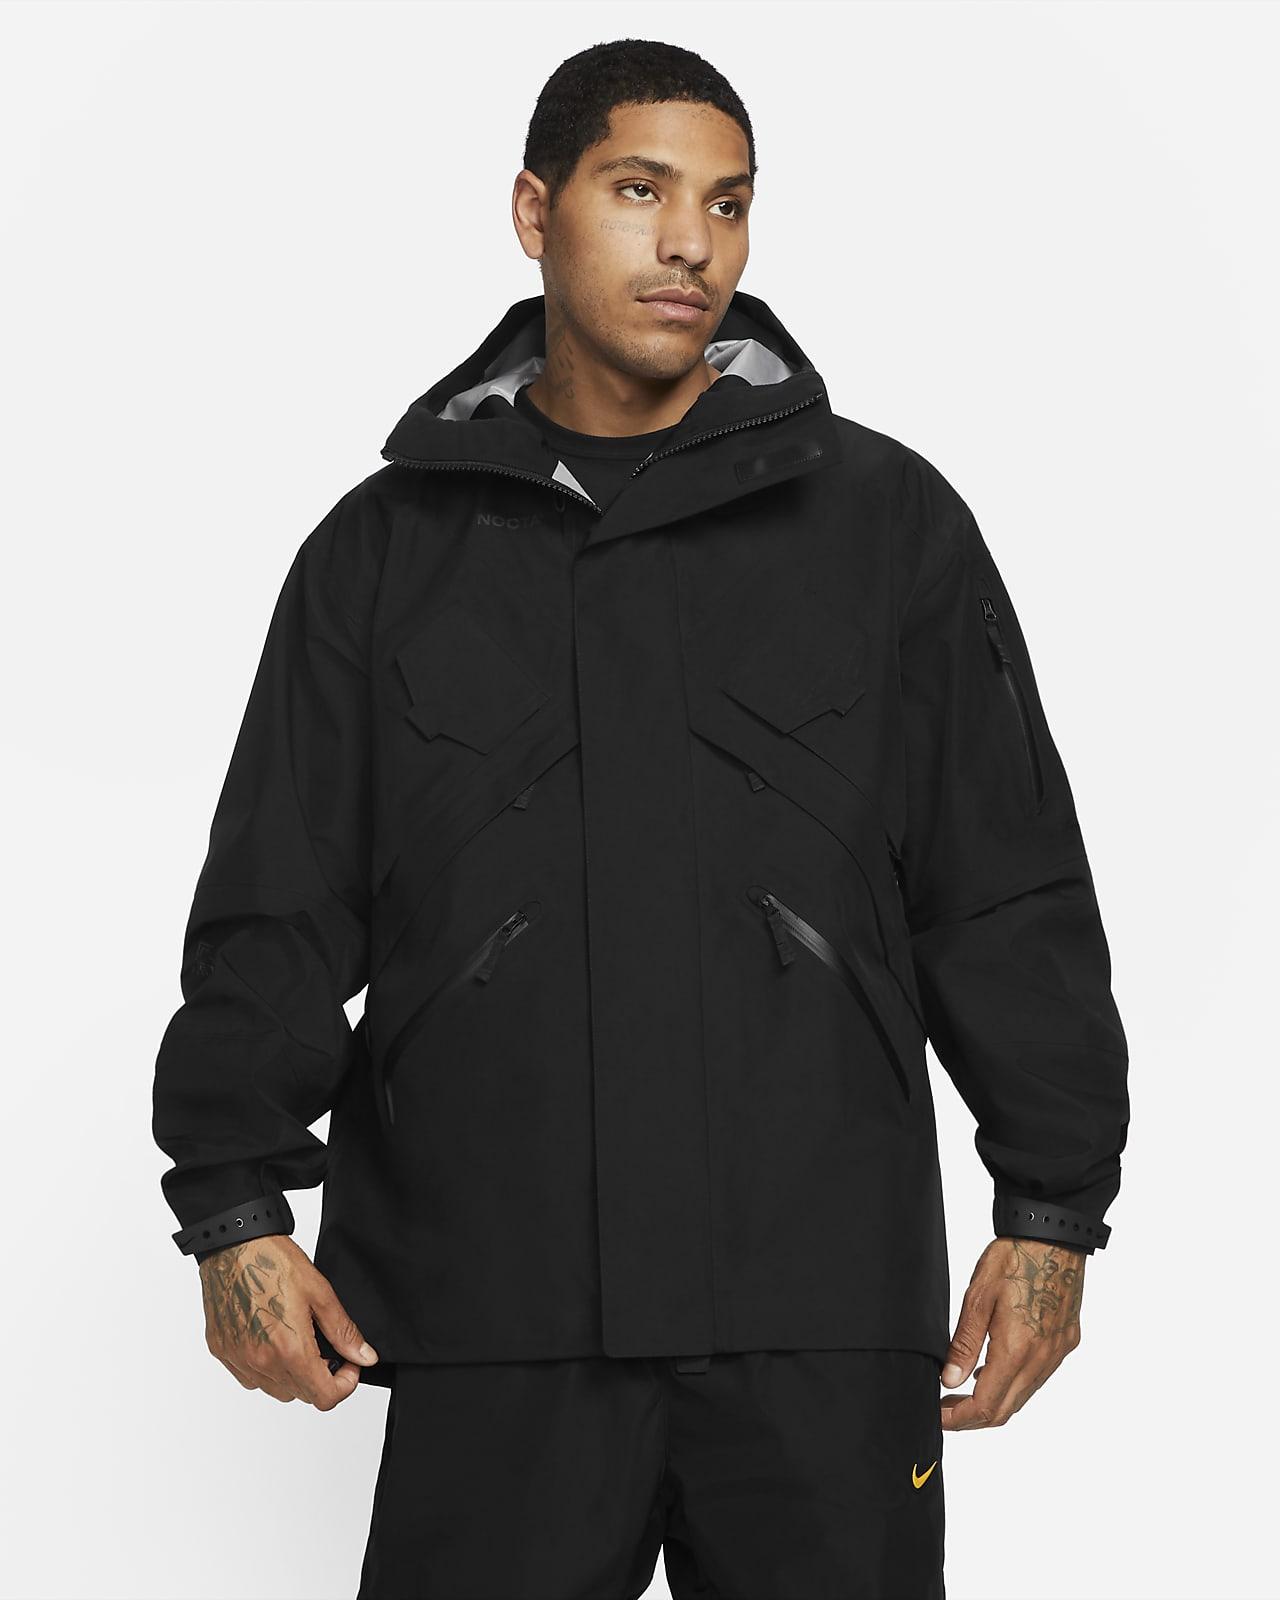 เสื้อแจ็คเก็ต Tech NOCTA